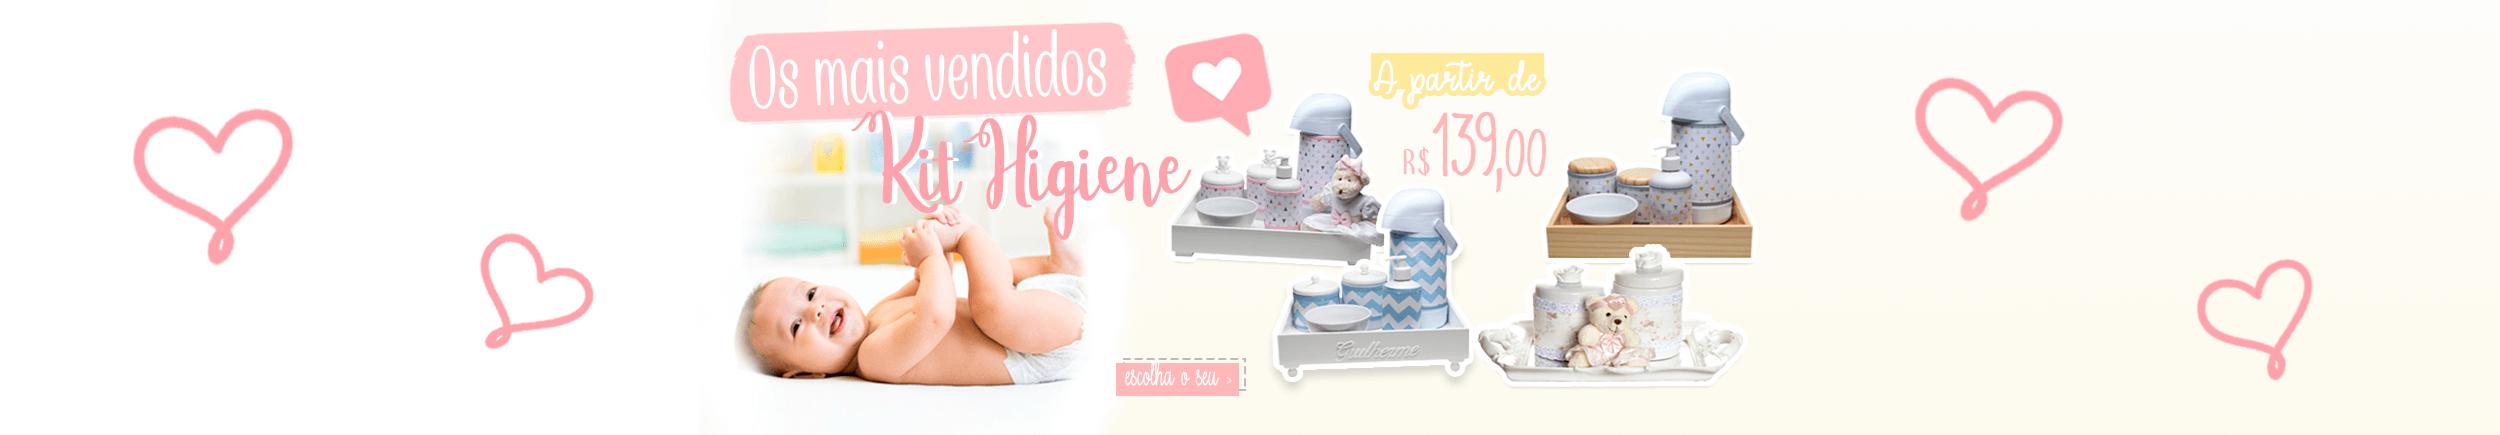 Banner - Kit Higiene